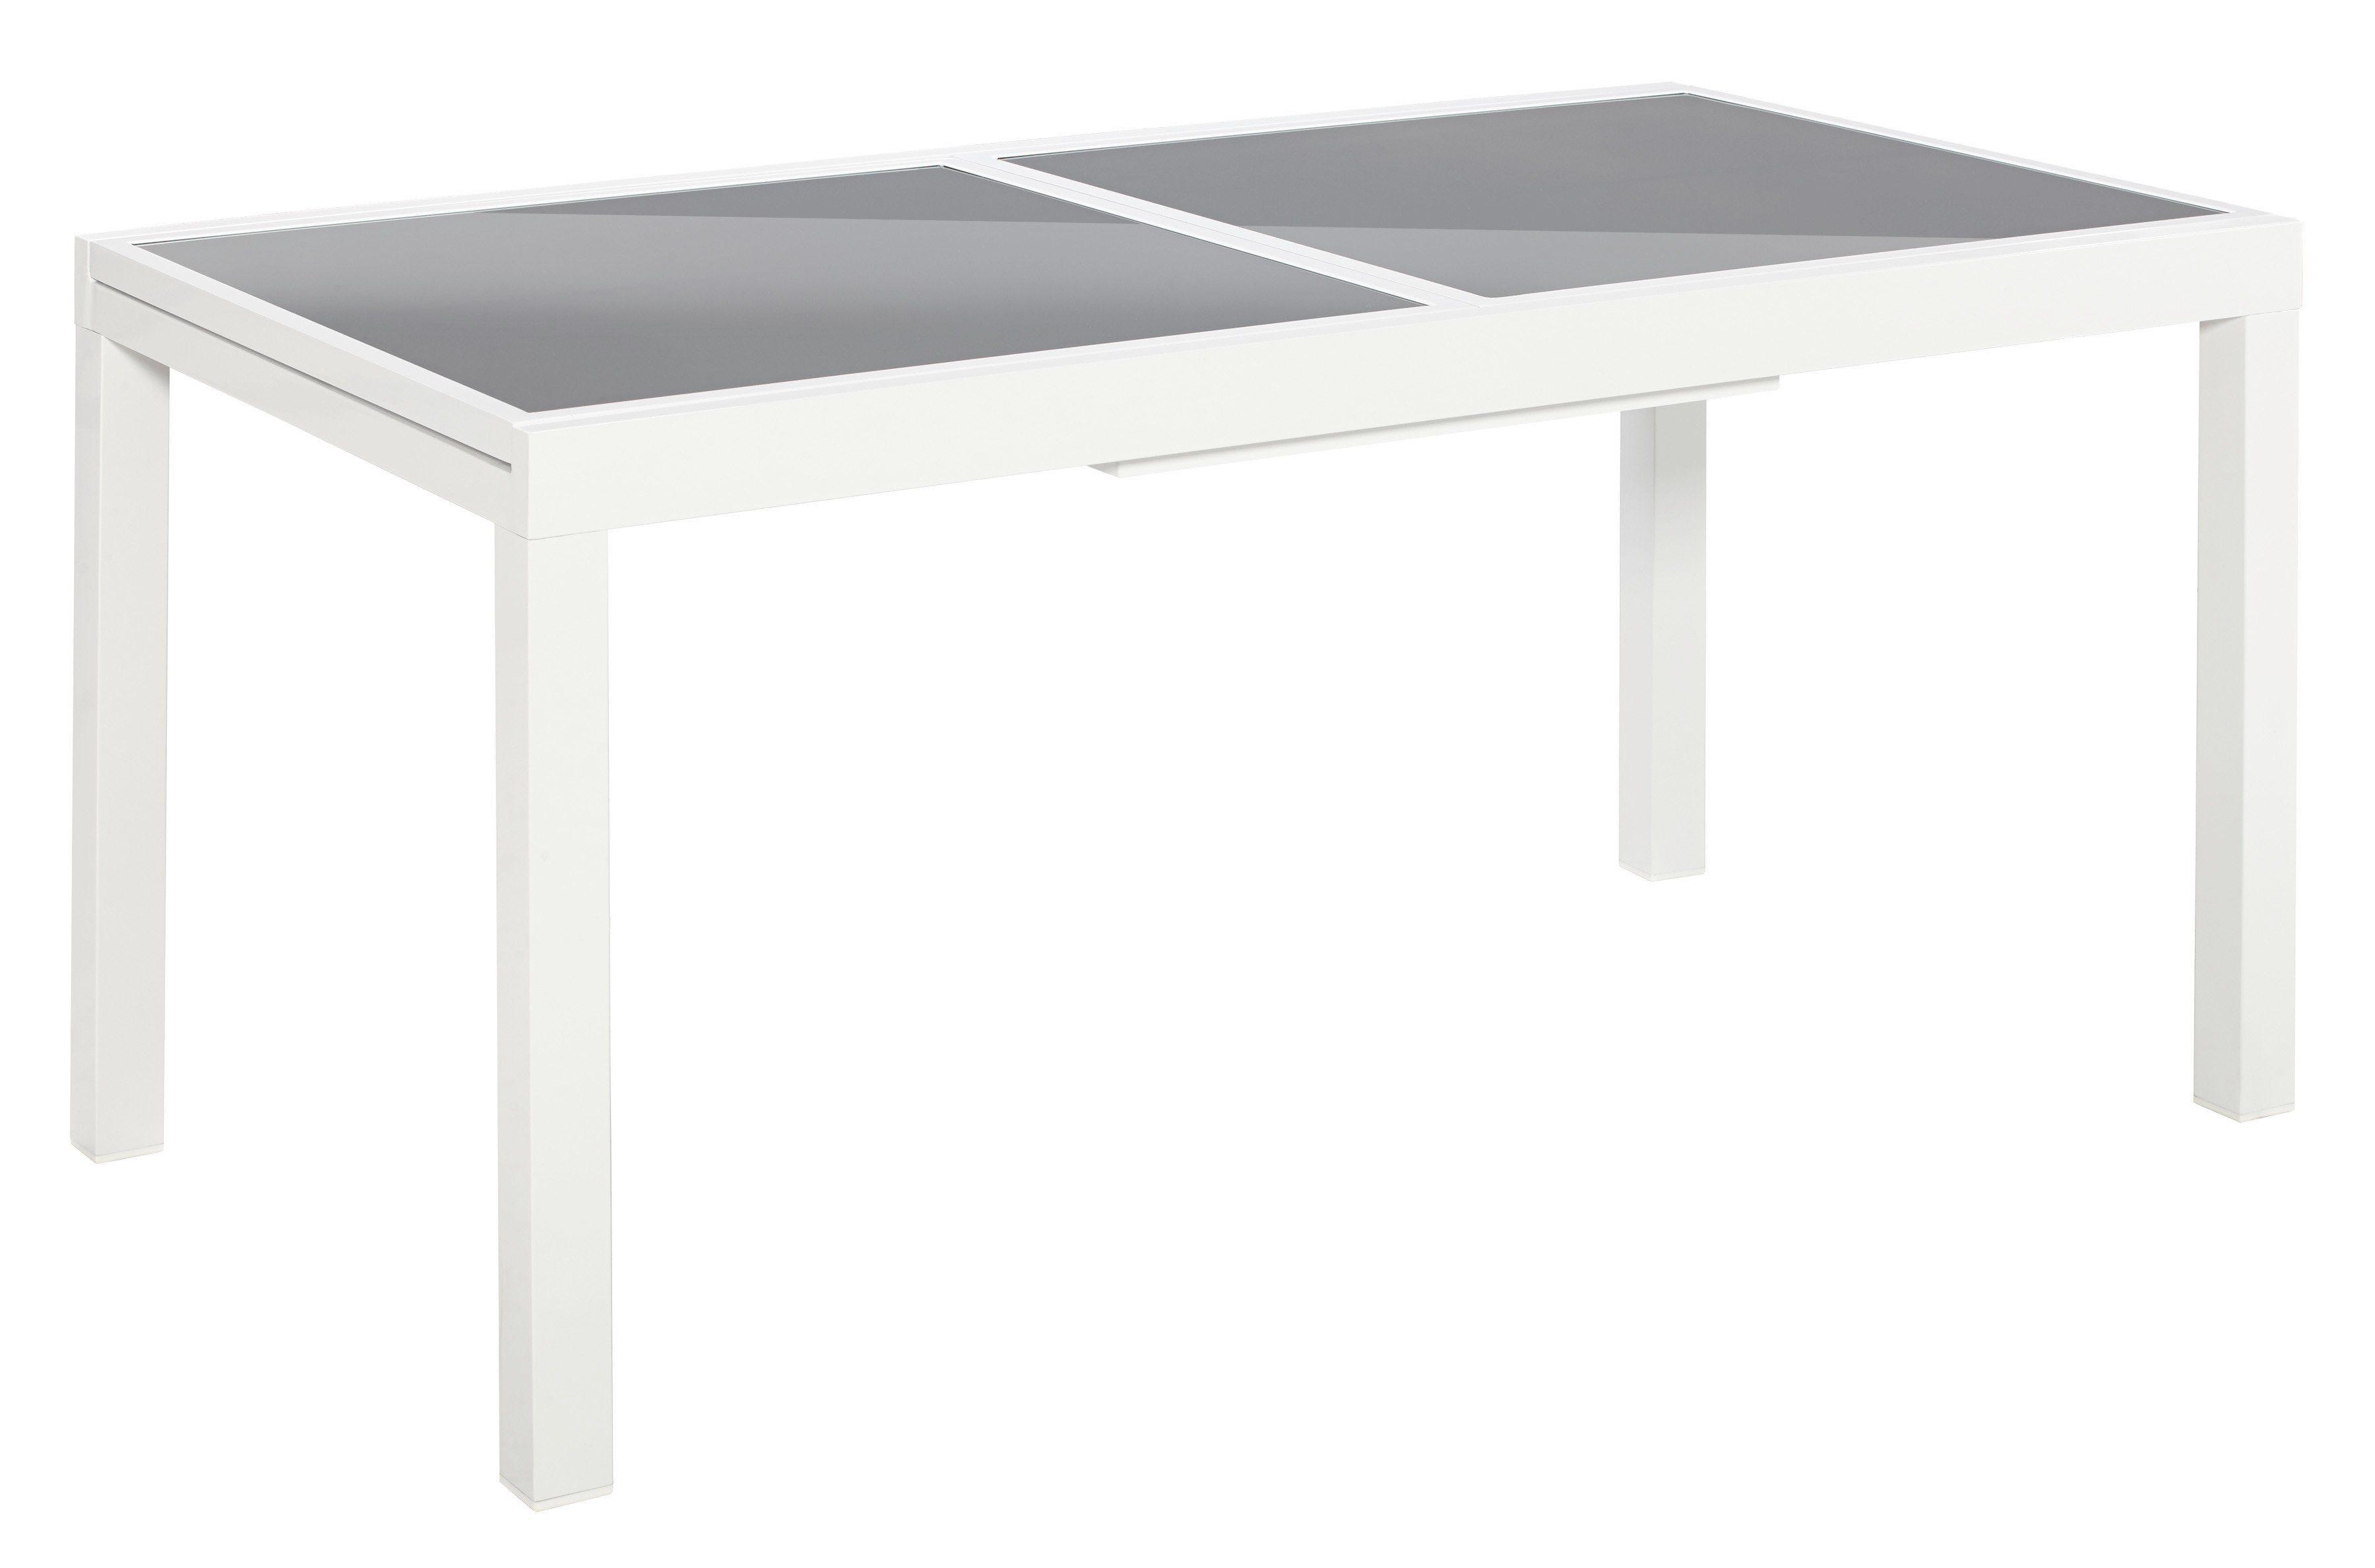 MERXX Gartentisch »Amalfi«, ausziehbar, Aluminium, 160-220x90 cm